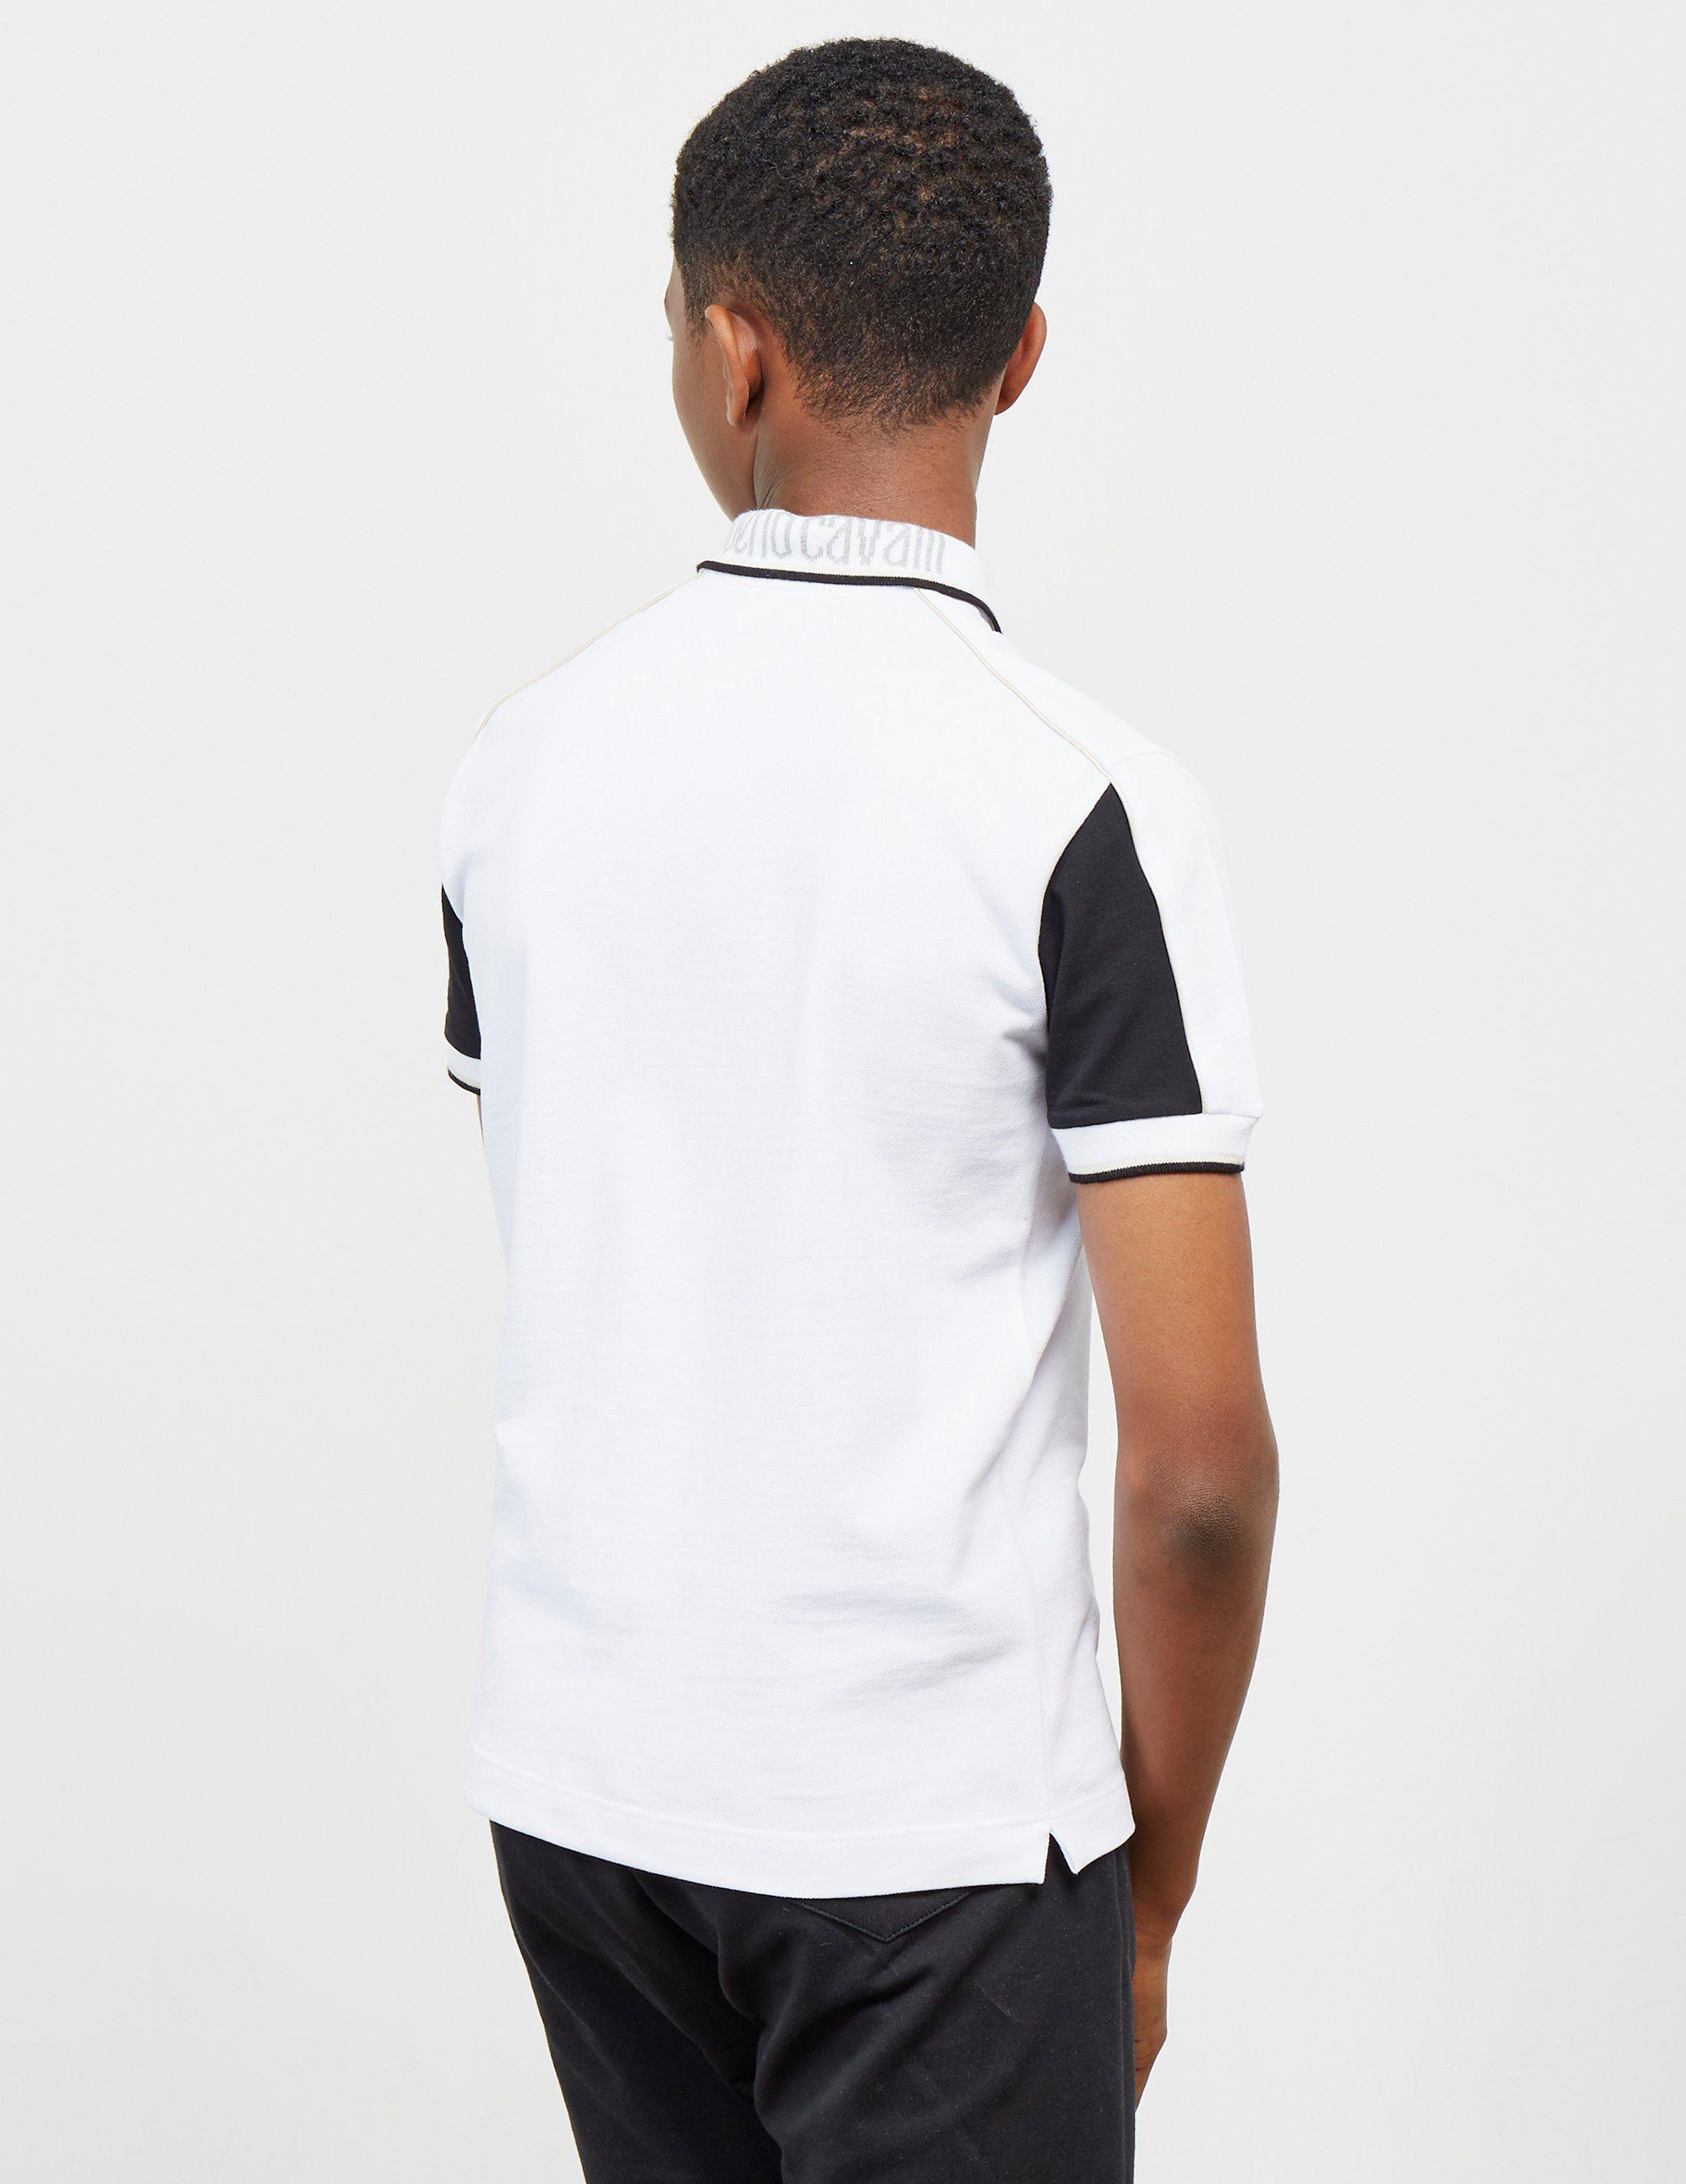 Roberto Cavalli Pique Short Sleeve Polo Shirt